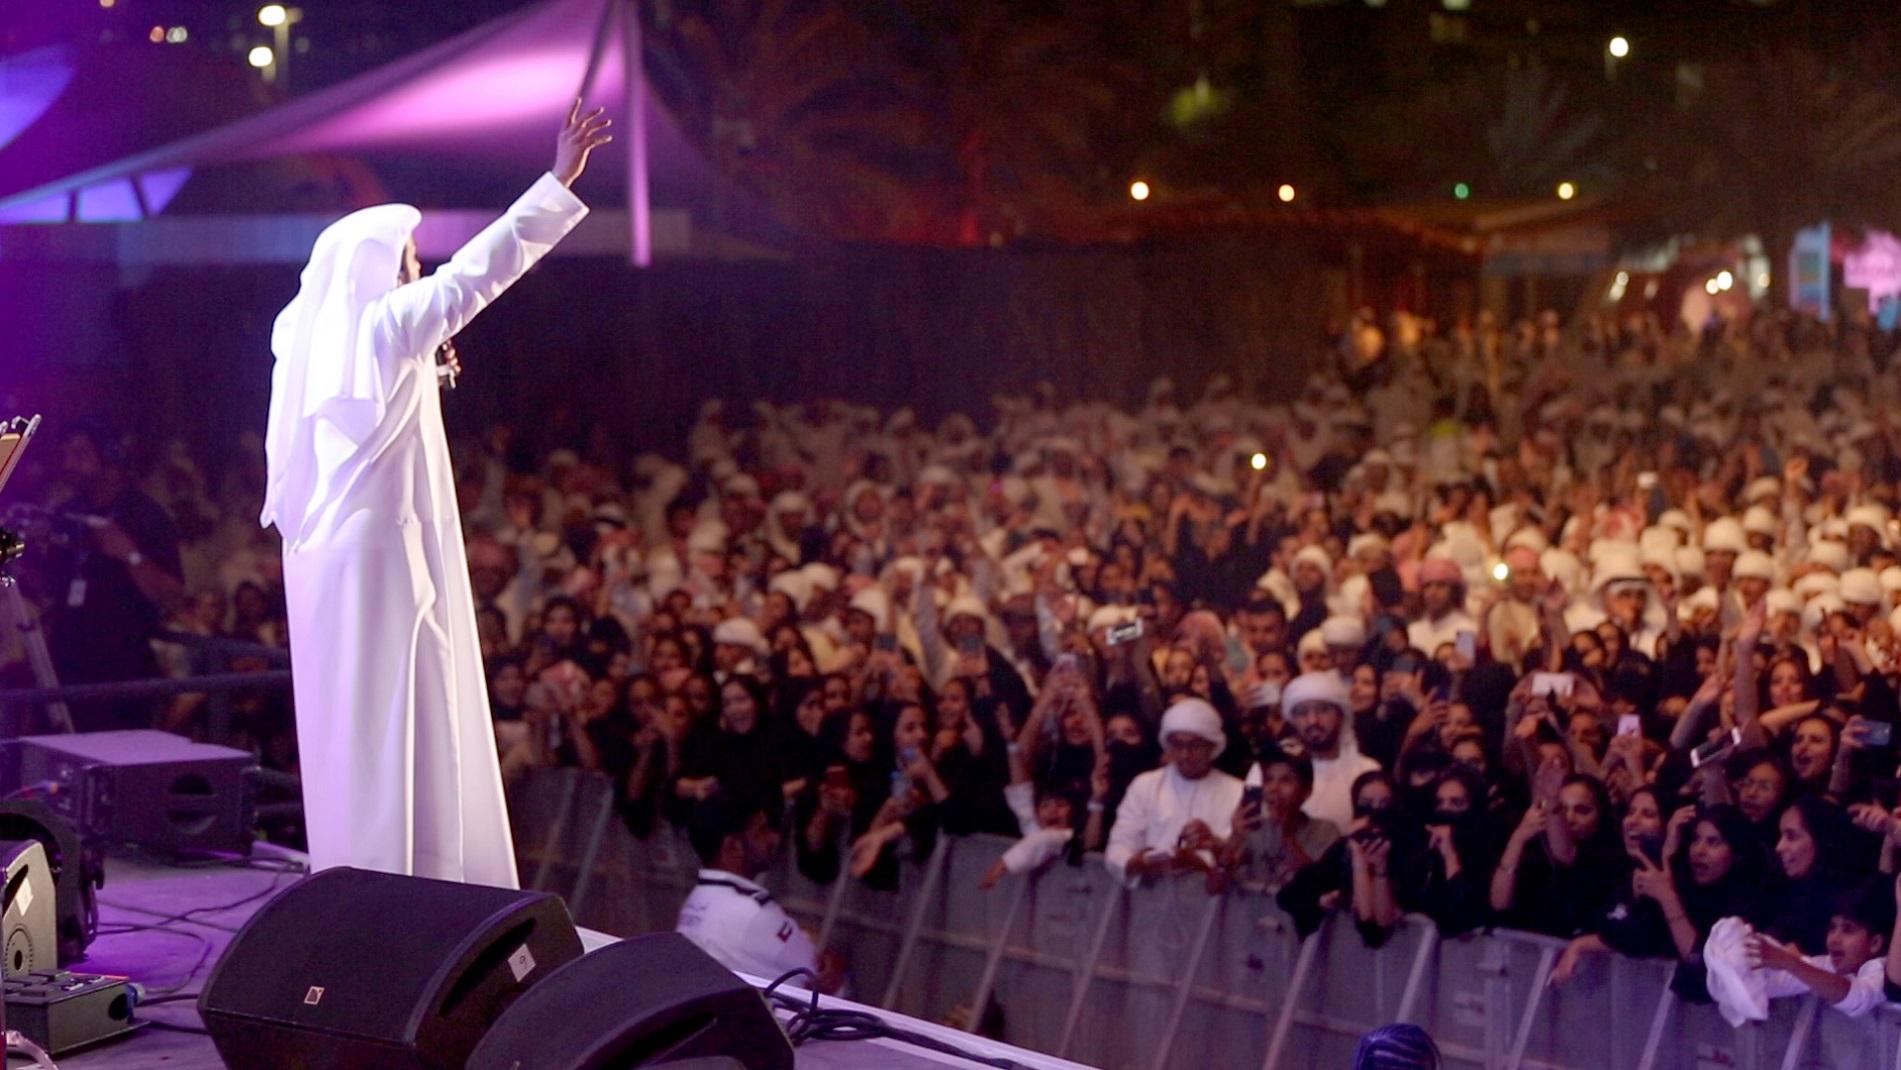 صورة صوت الإمارات عيضة المنهالي يشعل اجواء أبو ظبي